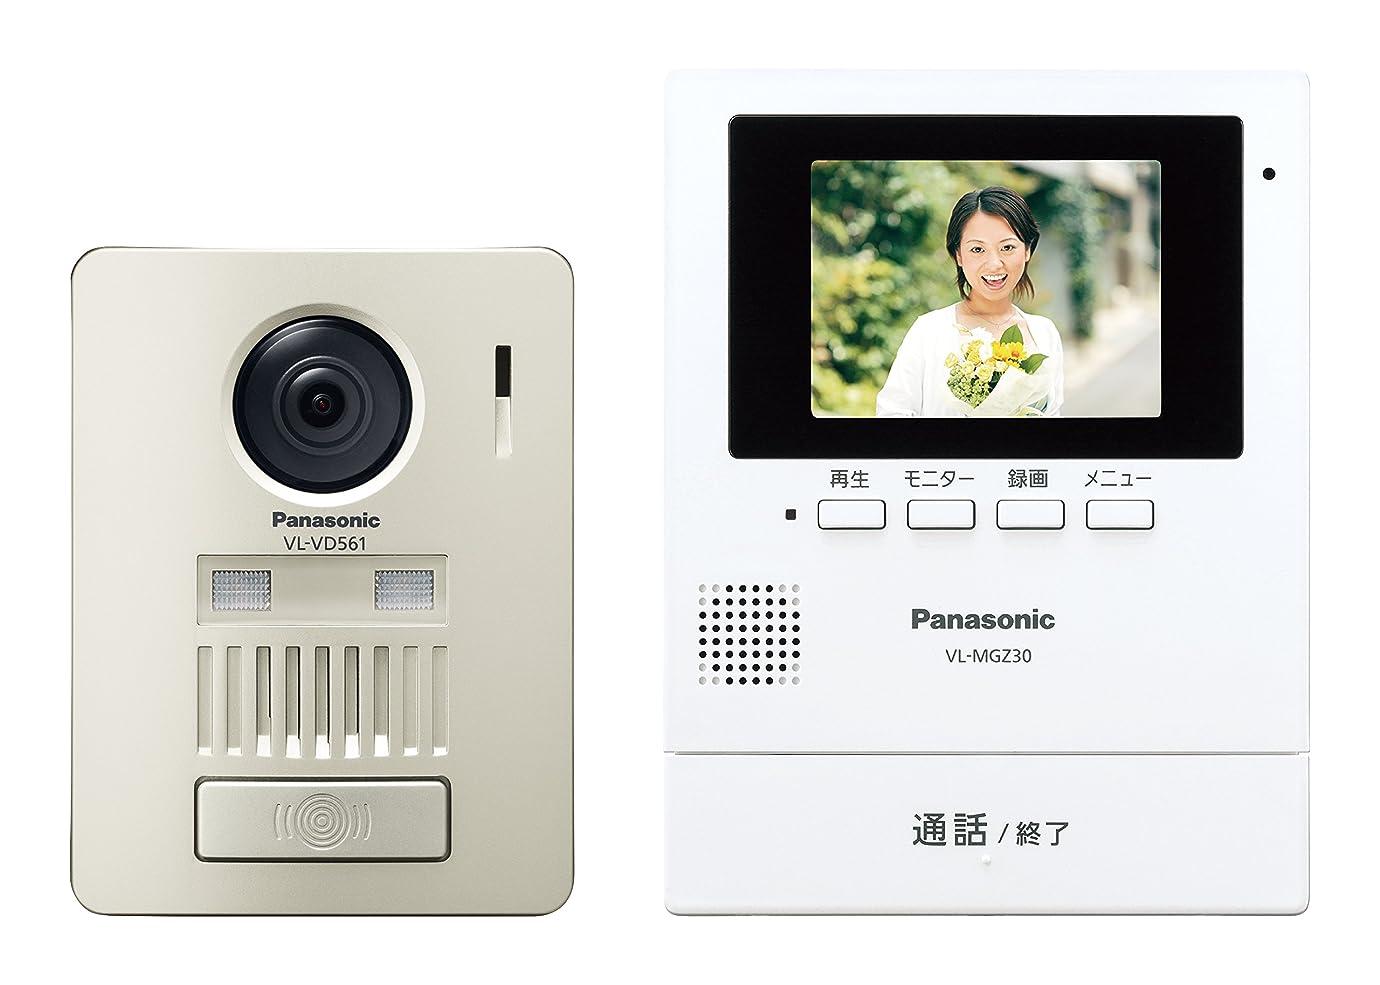 雇うアラームリングEyemag ACアダプター型 高画質 フル HD 動態検知 小型 隠し スパイ カメラ 1080P 32GB 内蔵 音声 Windows 10 日本語 取説